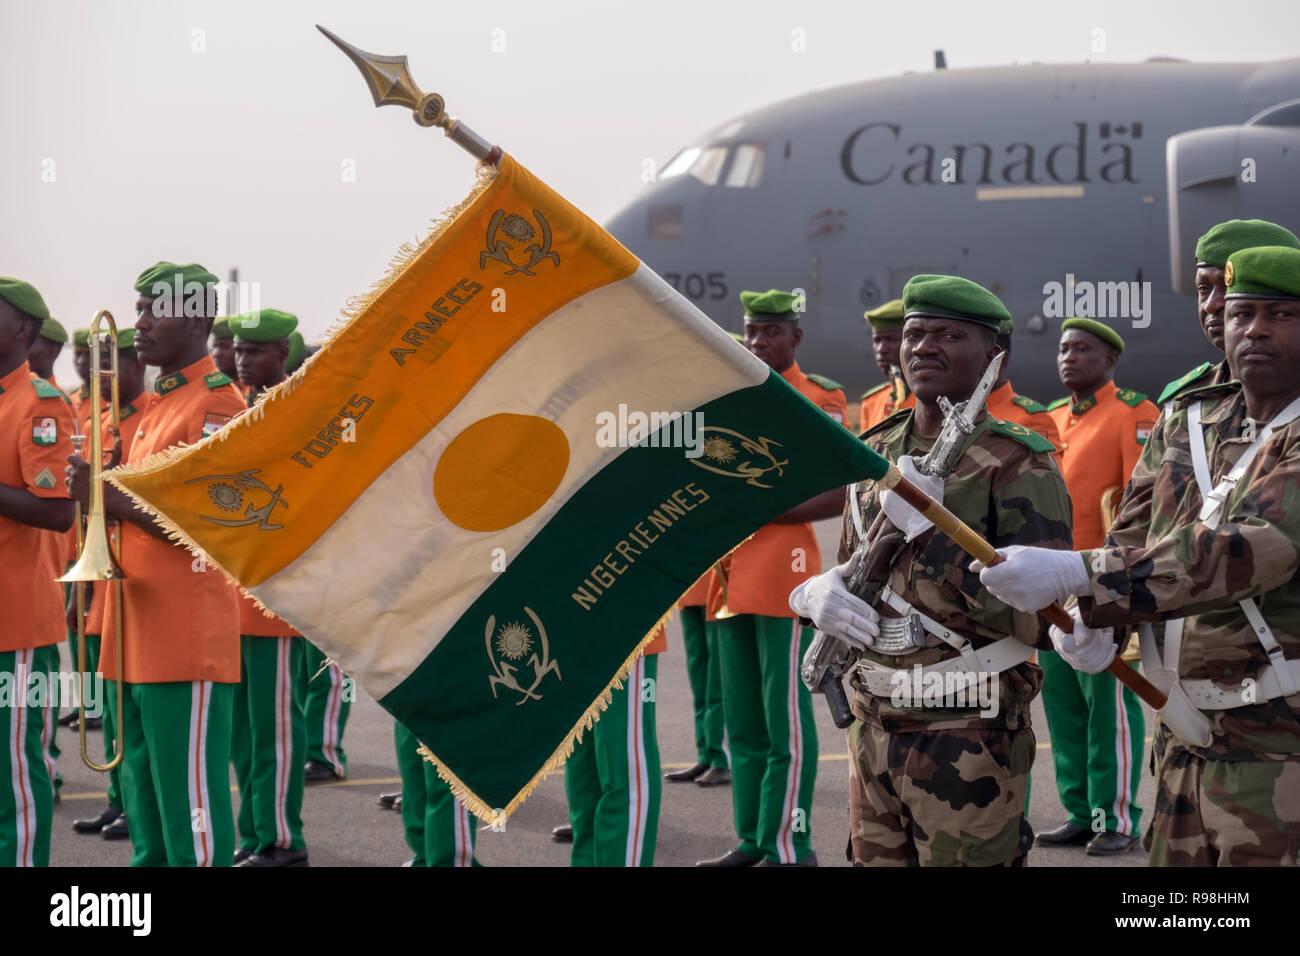 11 April 2018, Niamey, Niger - Nigrischen Soldaten parade vor einem kanadischen Militär Transport Flugzeug in Niger, während der Eröffnung der Musketen 2018 Stockbild